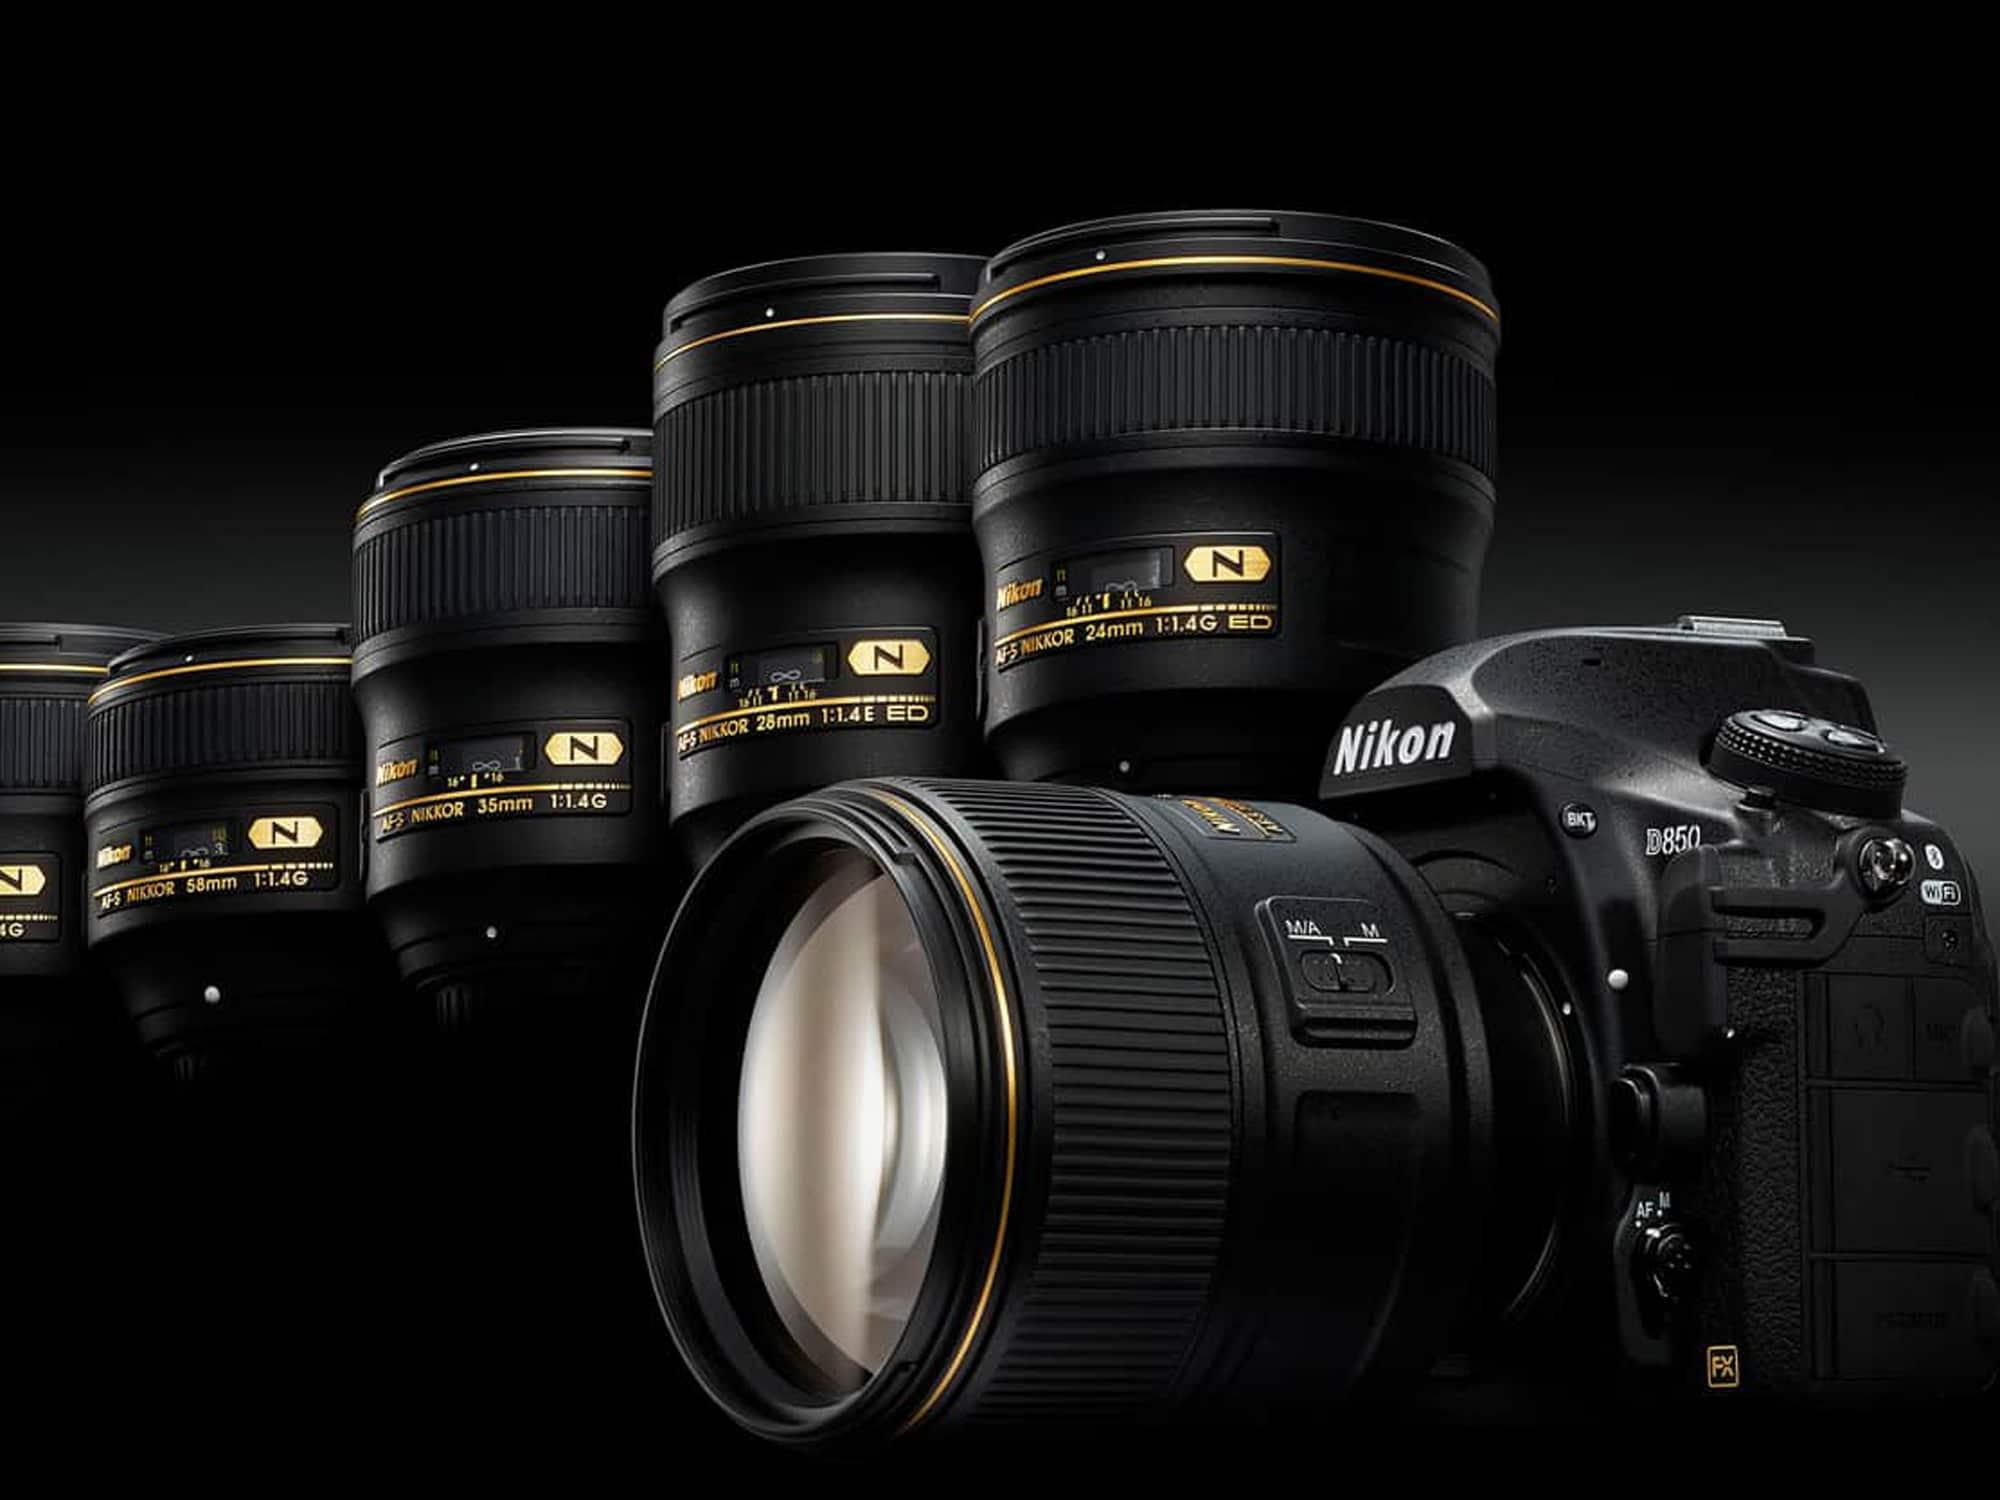 کاربرد لنزهای دوربین عکاسی